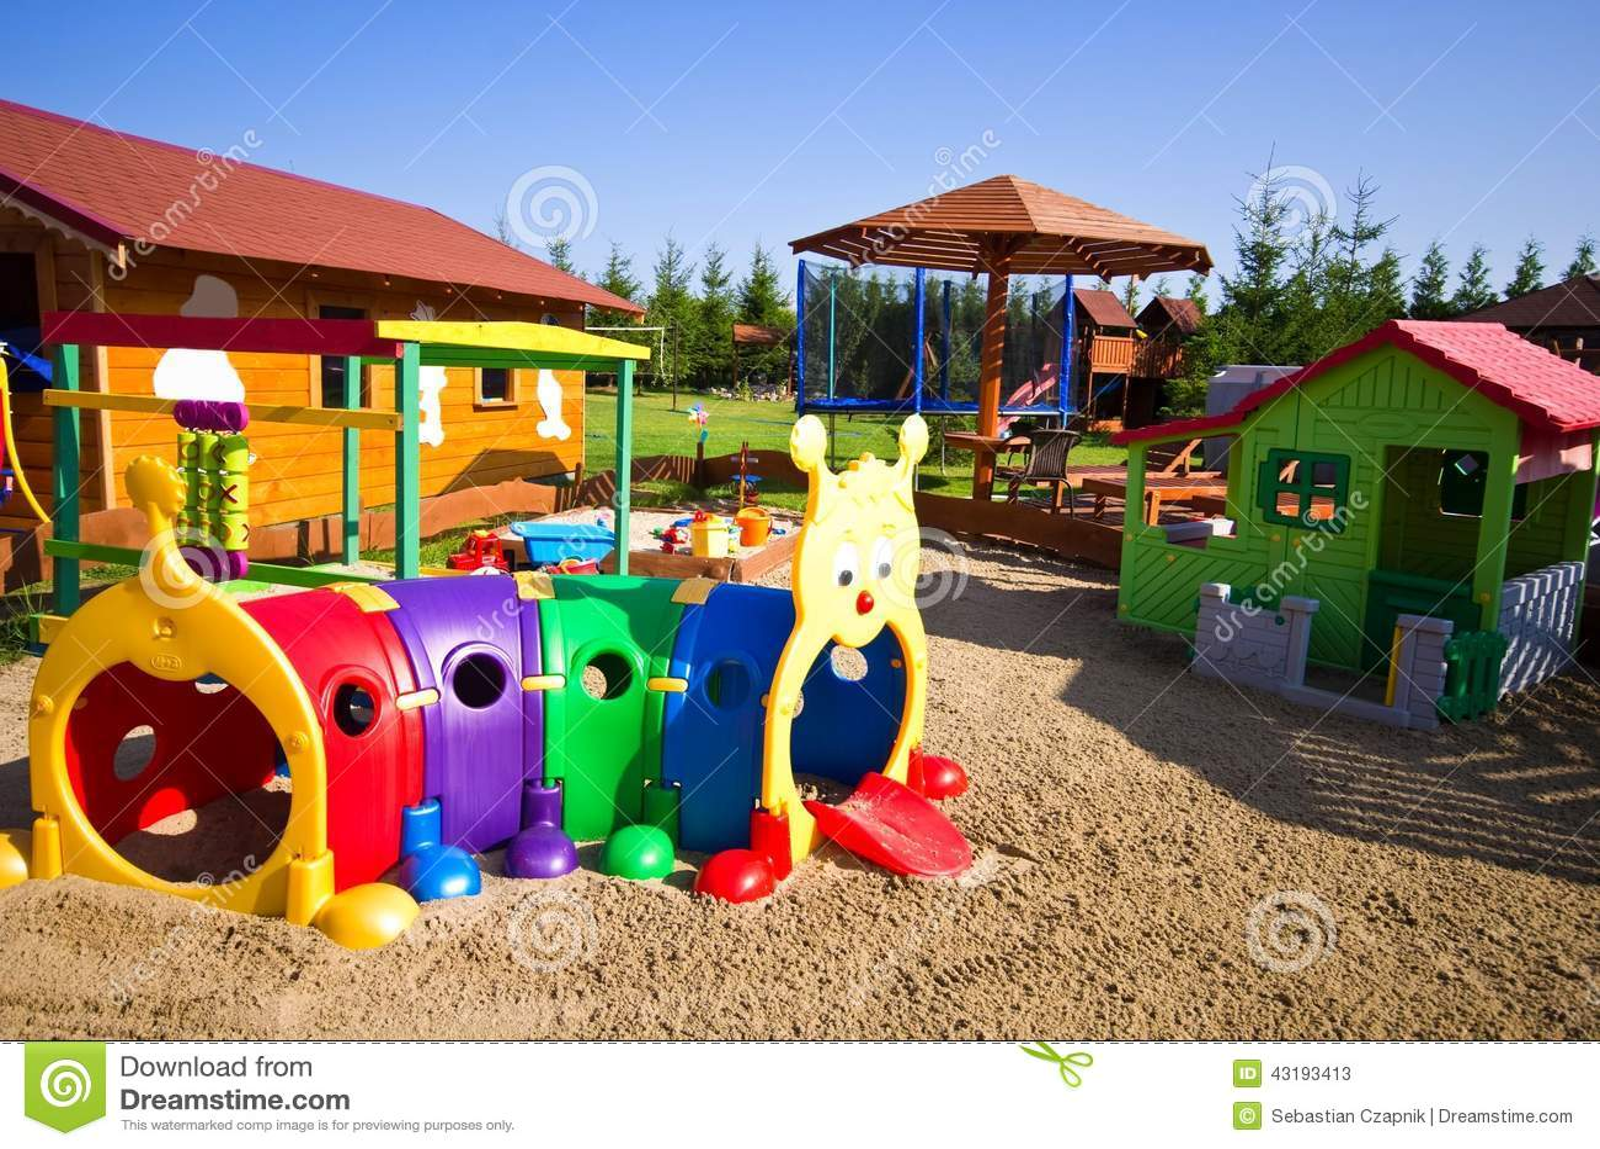 jouets de jardin pour des enfants image stock image du. Black Bedroom Furniture Sets. Home Design Ideas